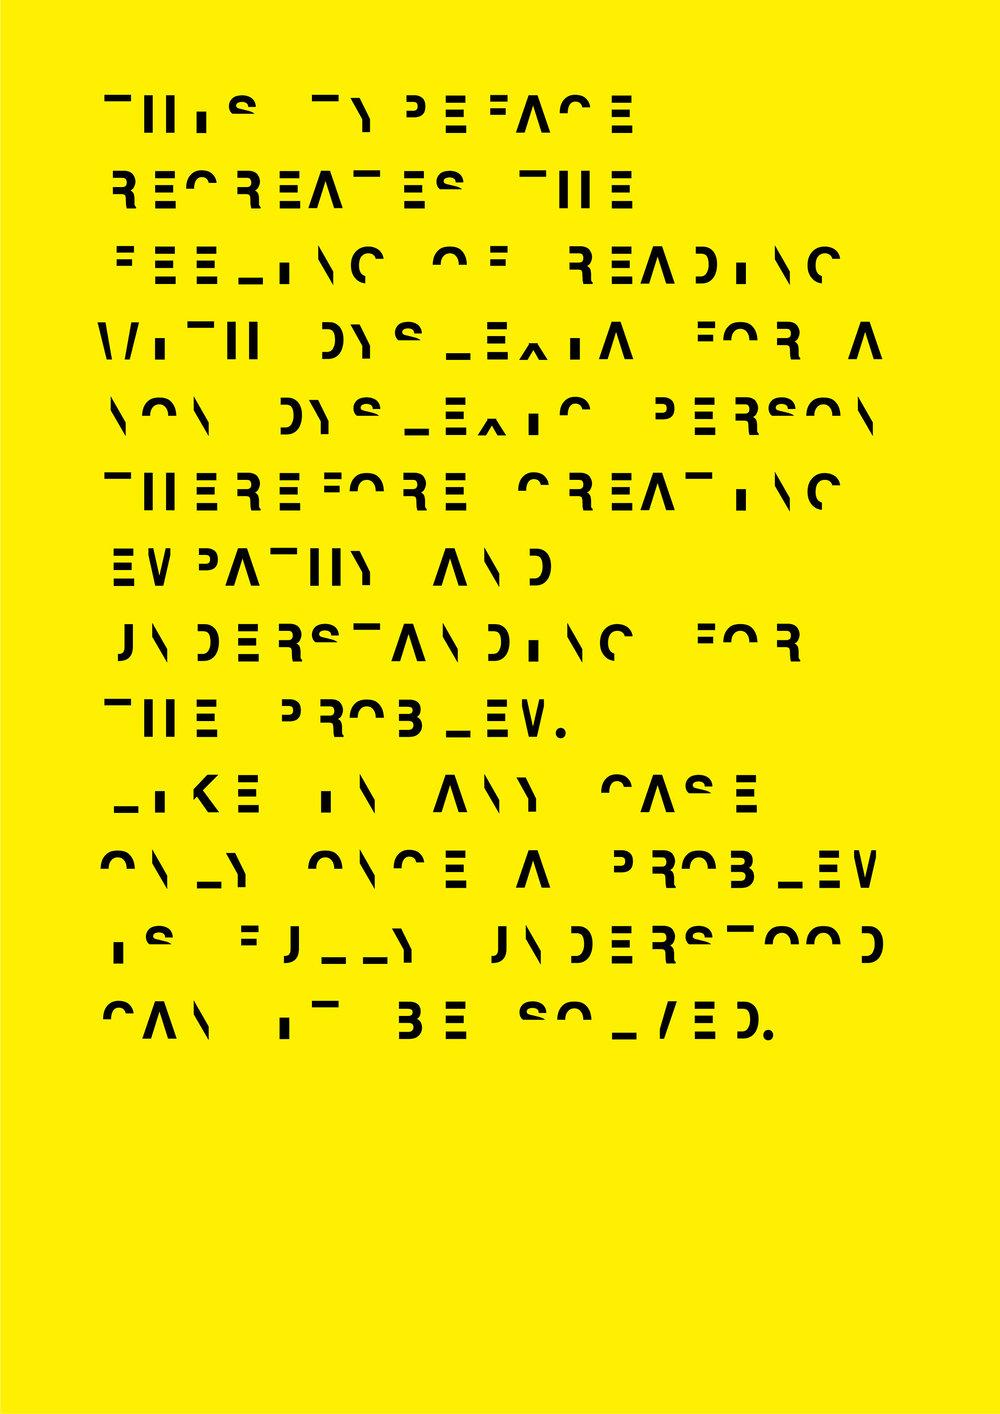 dyslexia font.jpg